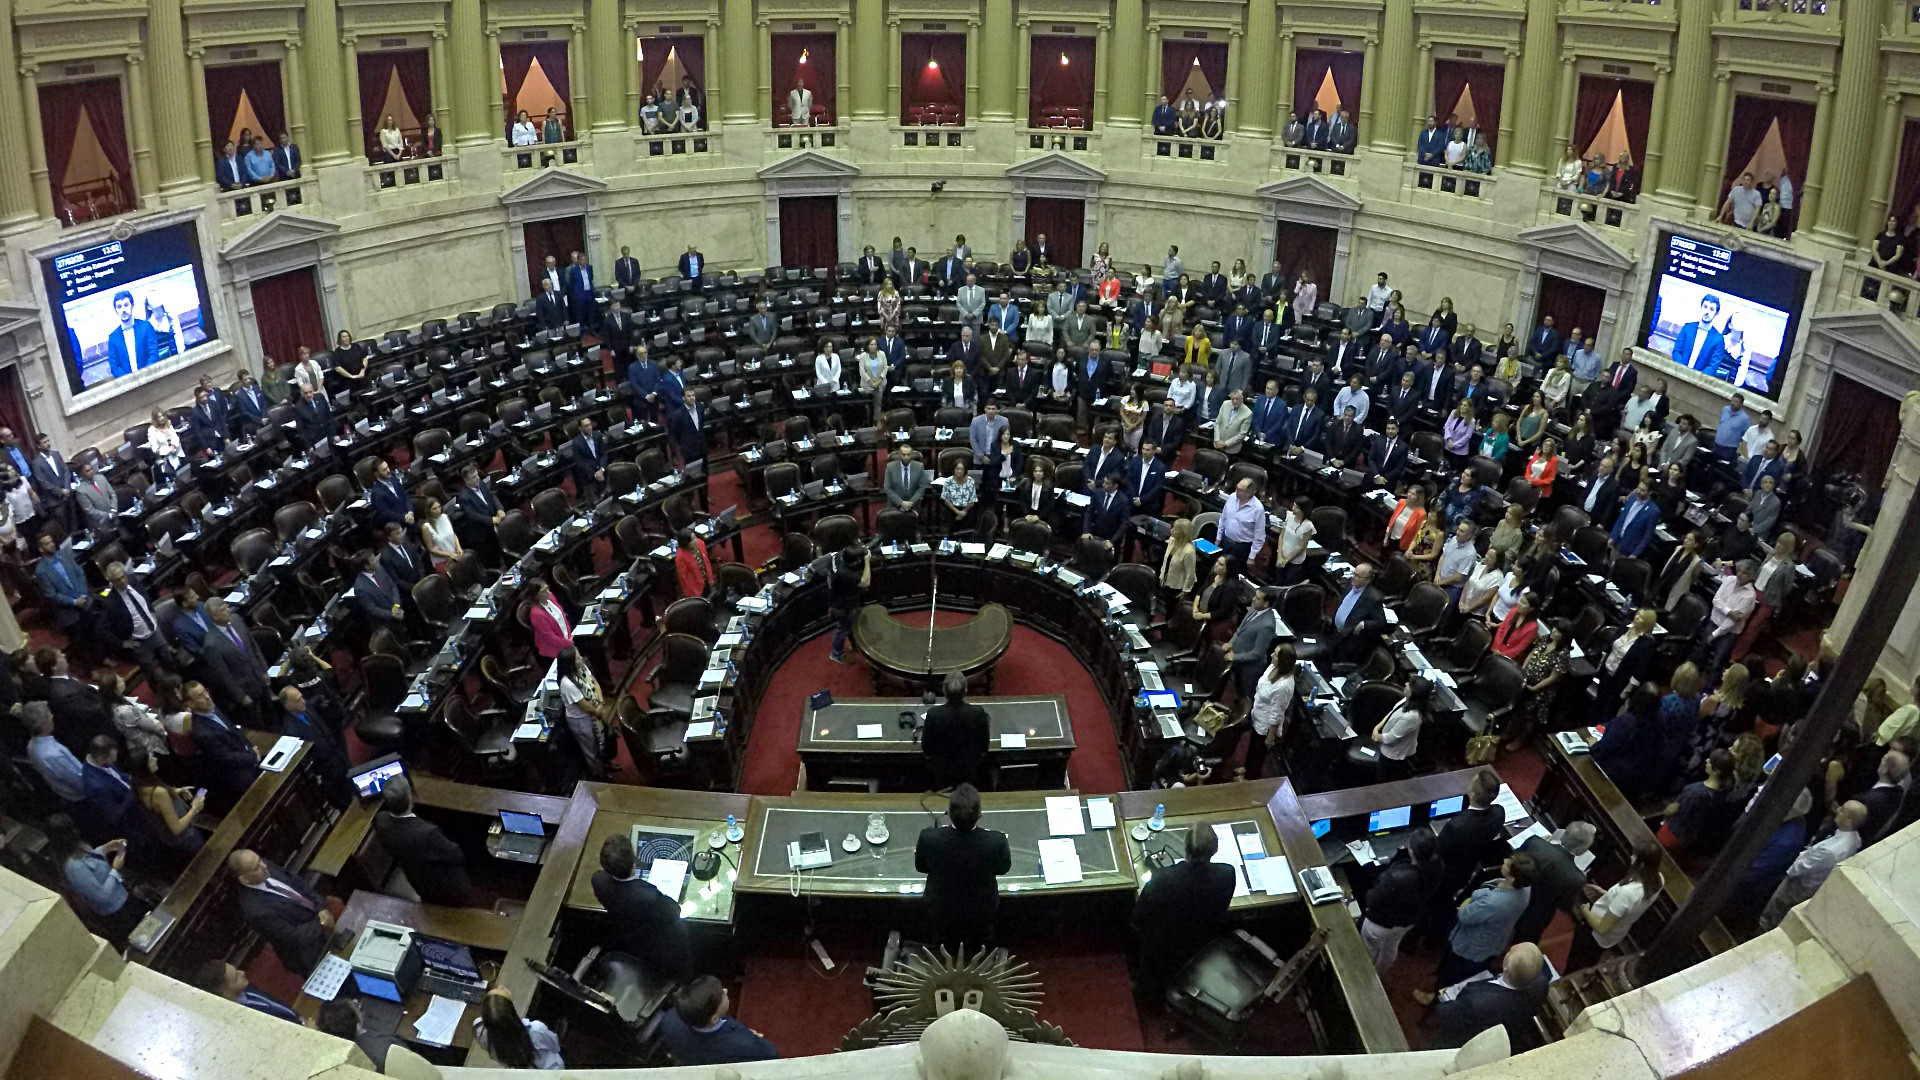 La Cámara de Diputados comienza a sesionar después de que el oficialismo logró el quórum